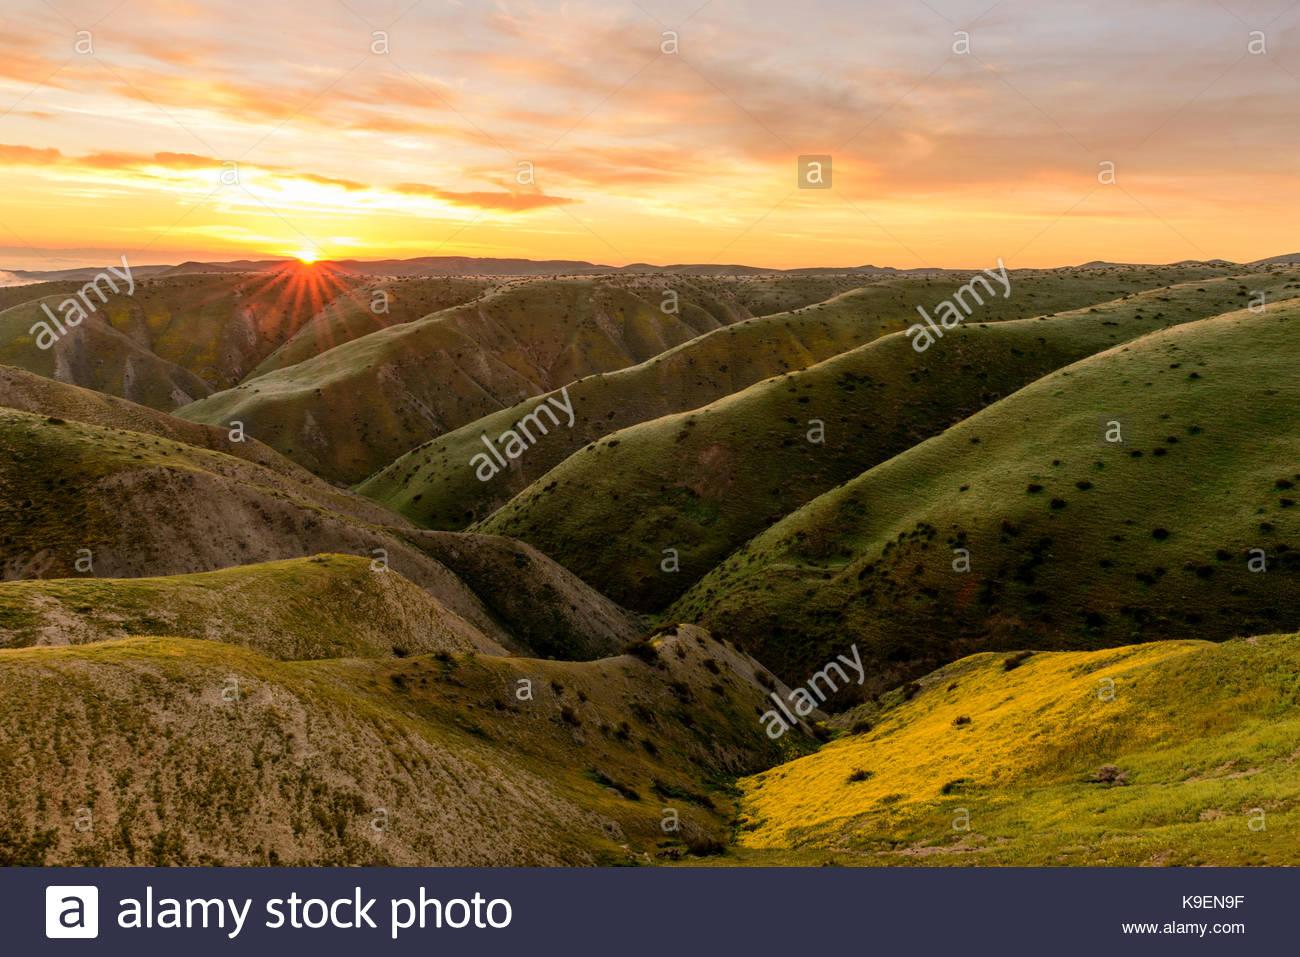 Panoche Hills Wilderness Zone d'étude à l'aube, comté de Fresno, Californie Photo Stock